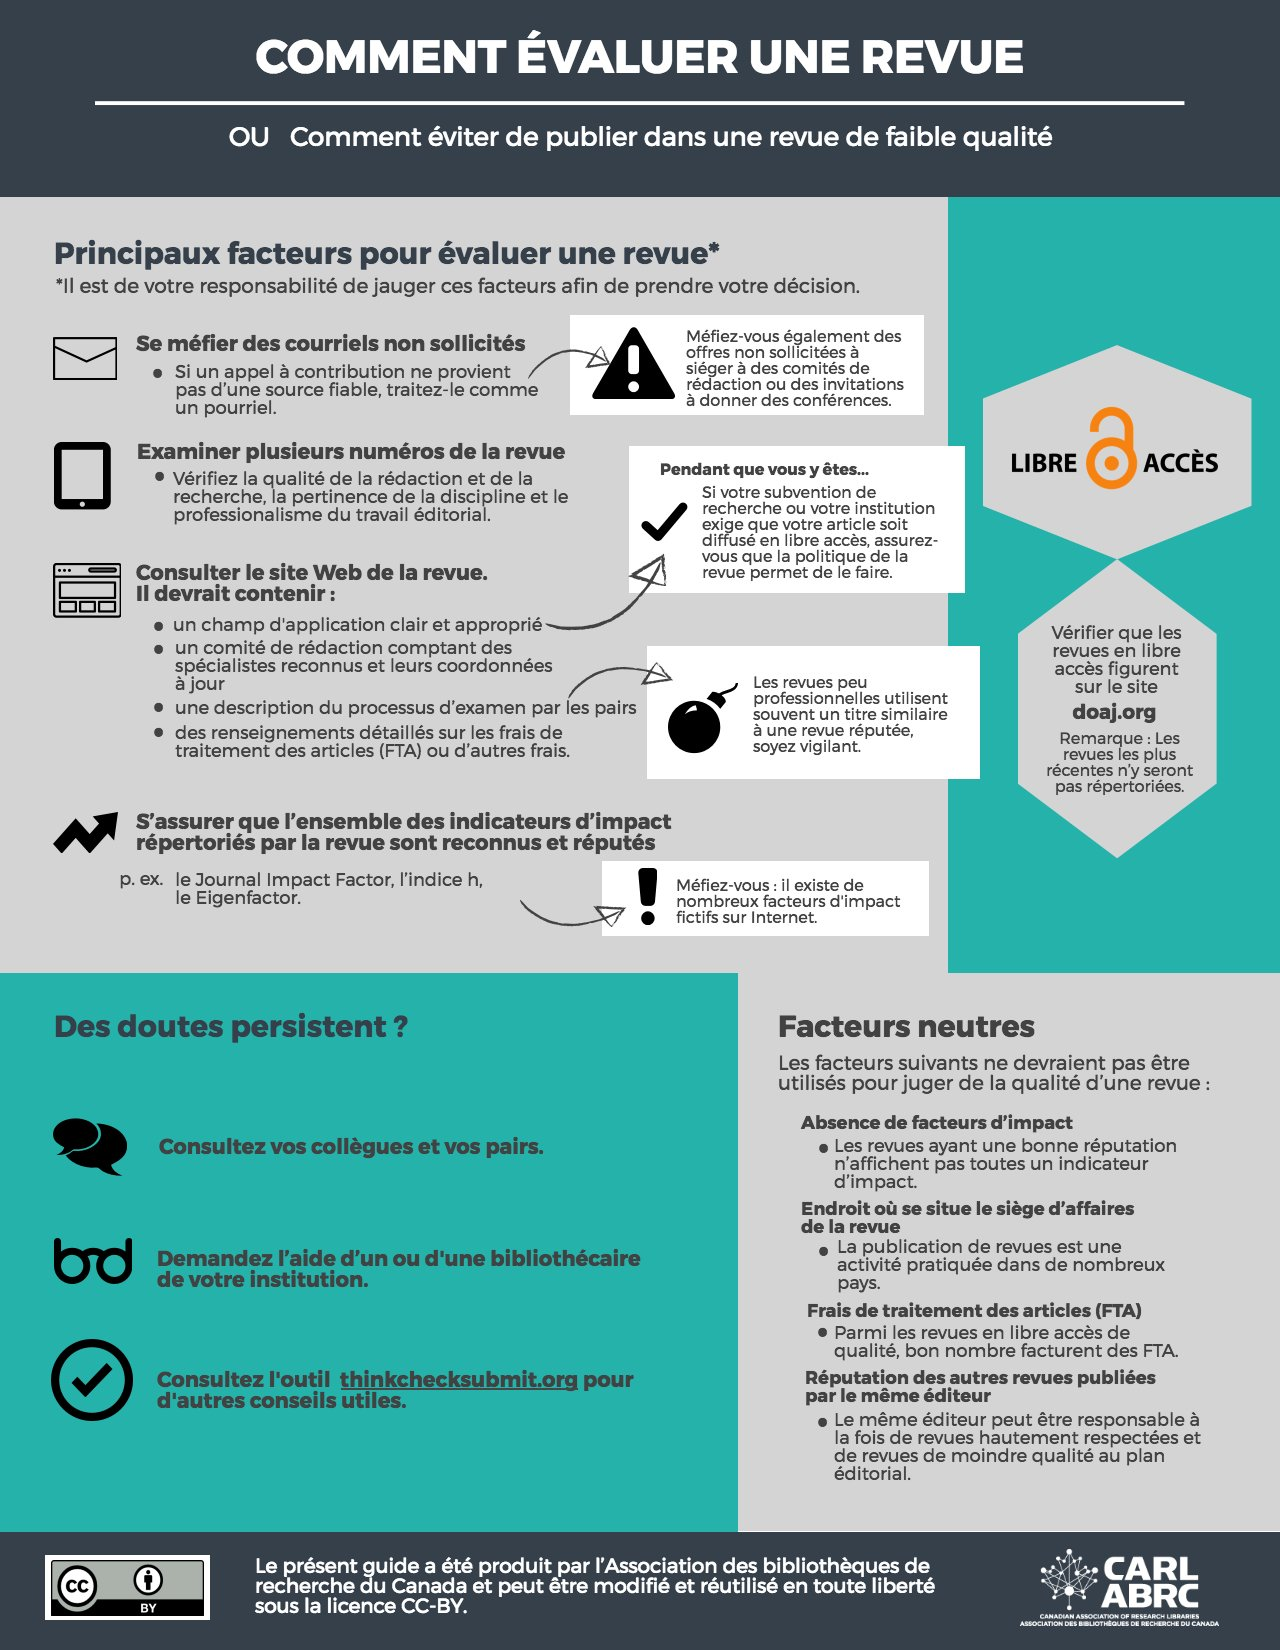 @carlabrc vient de lancer un simple guide destiné aux chercheurs, disponible en français et en anglais. #revues https://t.co/O2XRQPkCpf https://t.co/1CichTWJIk